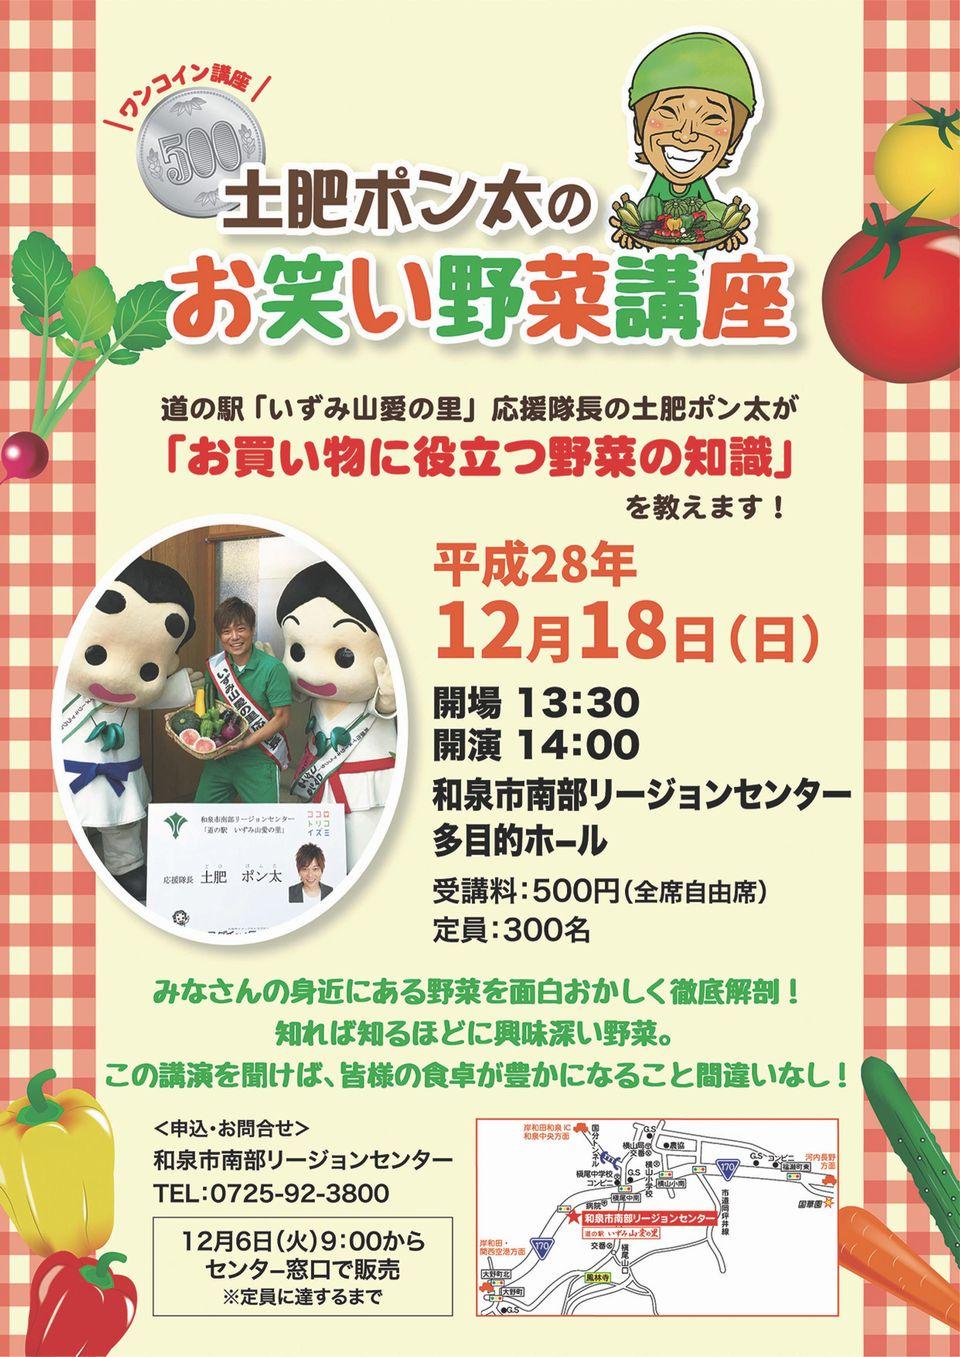 「土肥ポン太のお笑い野菜講座」開催!